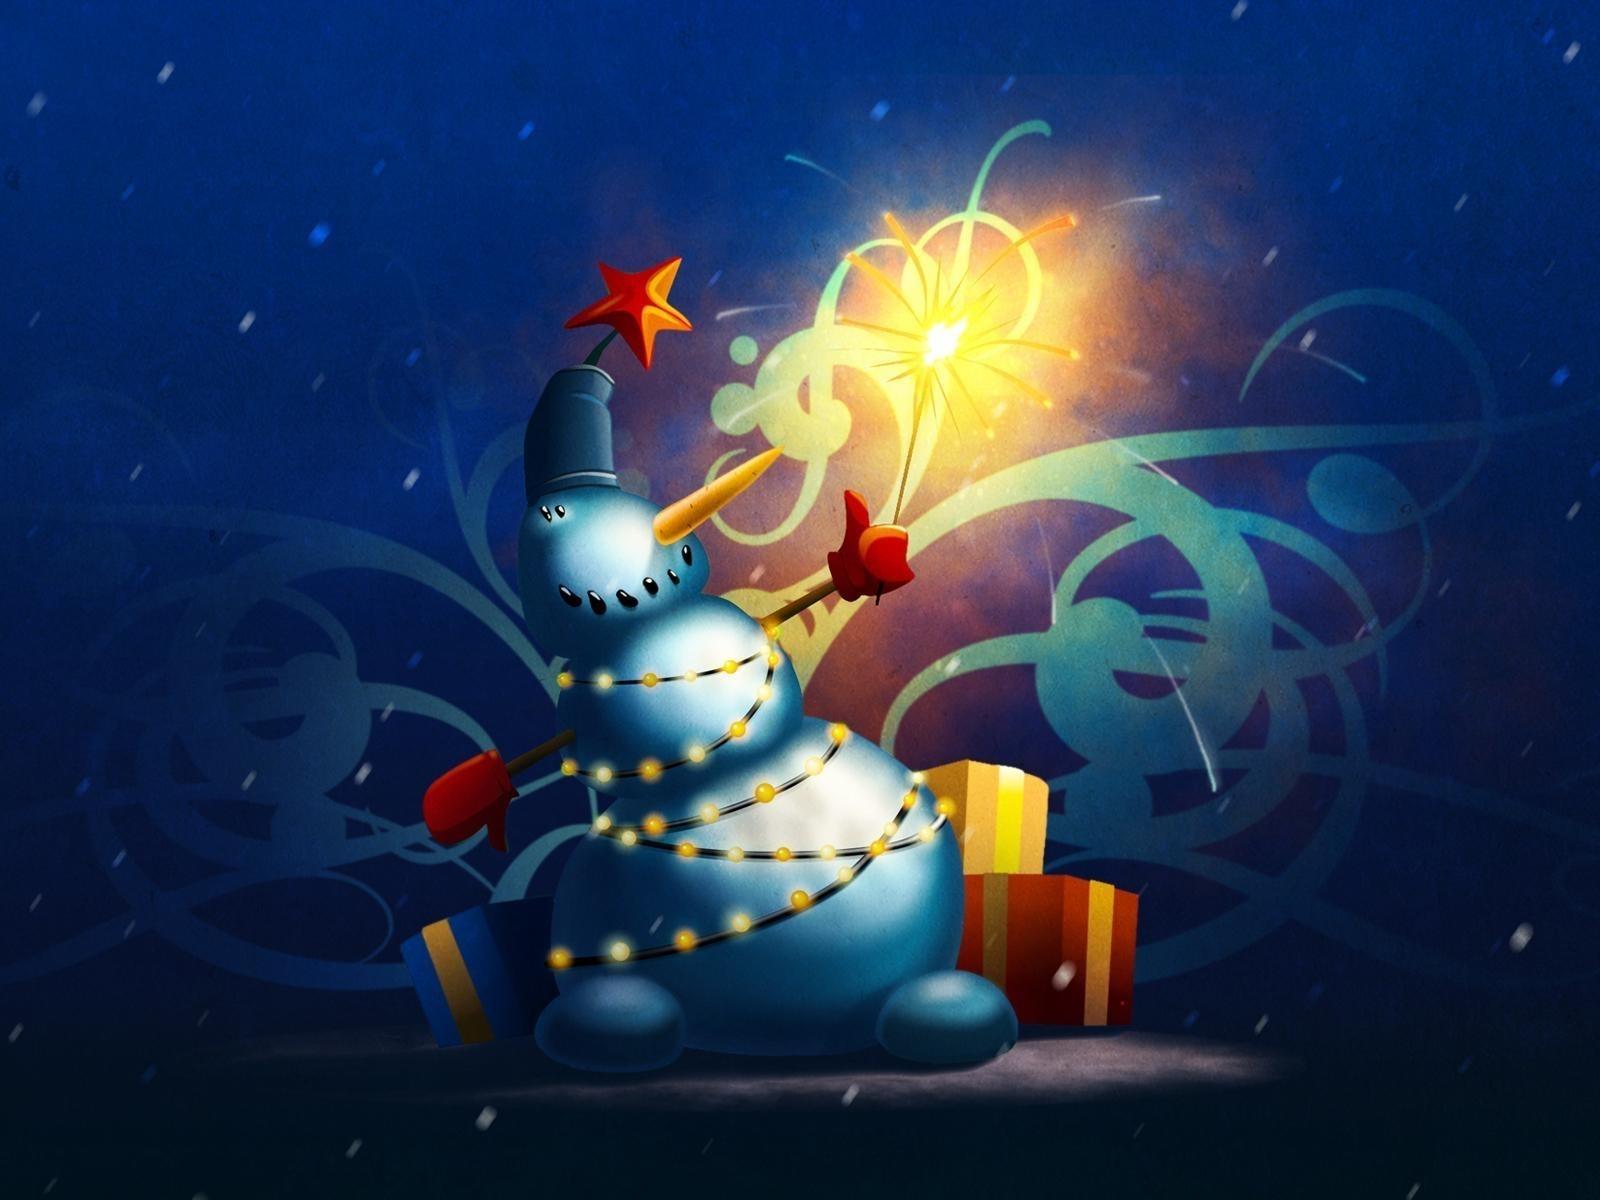 2219 descargar fondo de pantalla Vacaciones, Año Nuevo, Navidad, Imágenes: protectores de pantalla e imágenes gratis